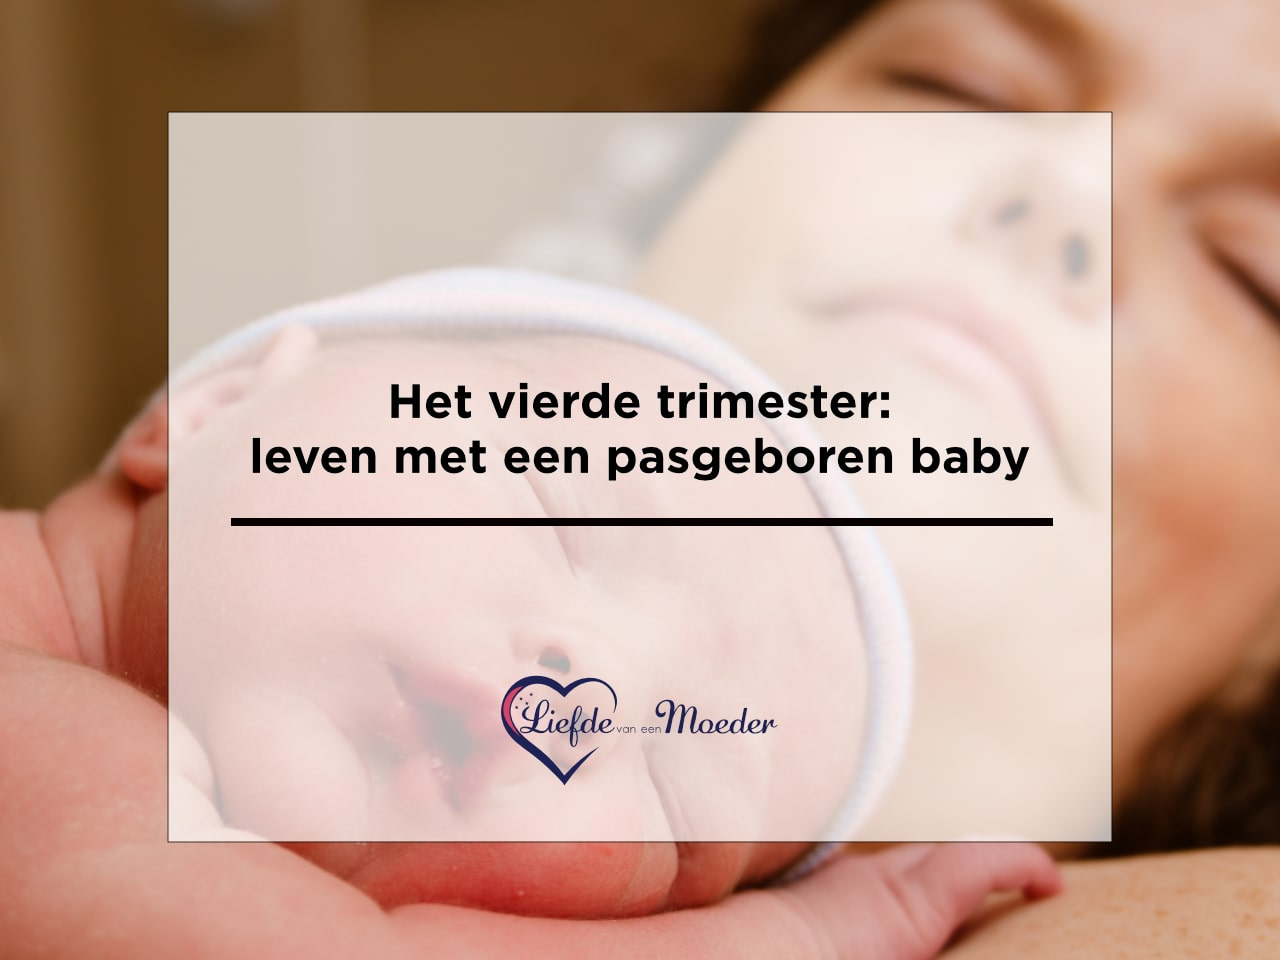 Het vierde trimester: leven met een pasgeboren baby